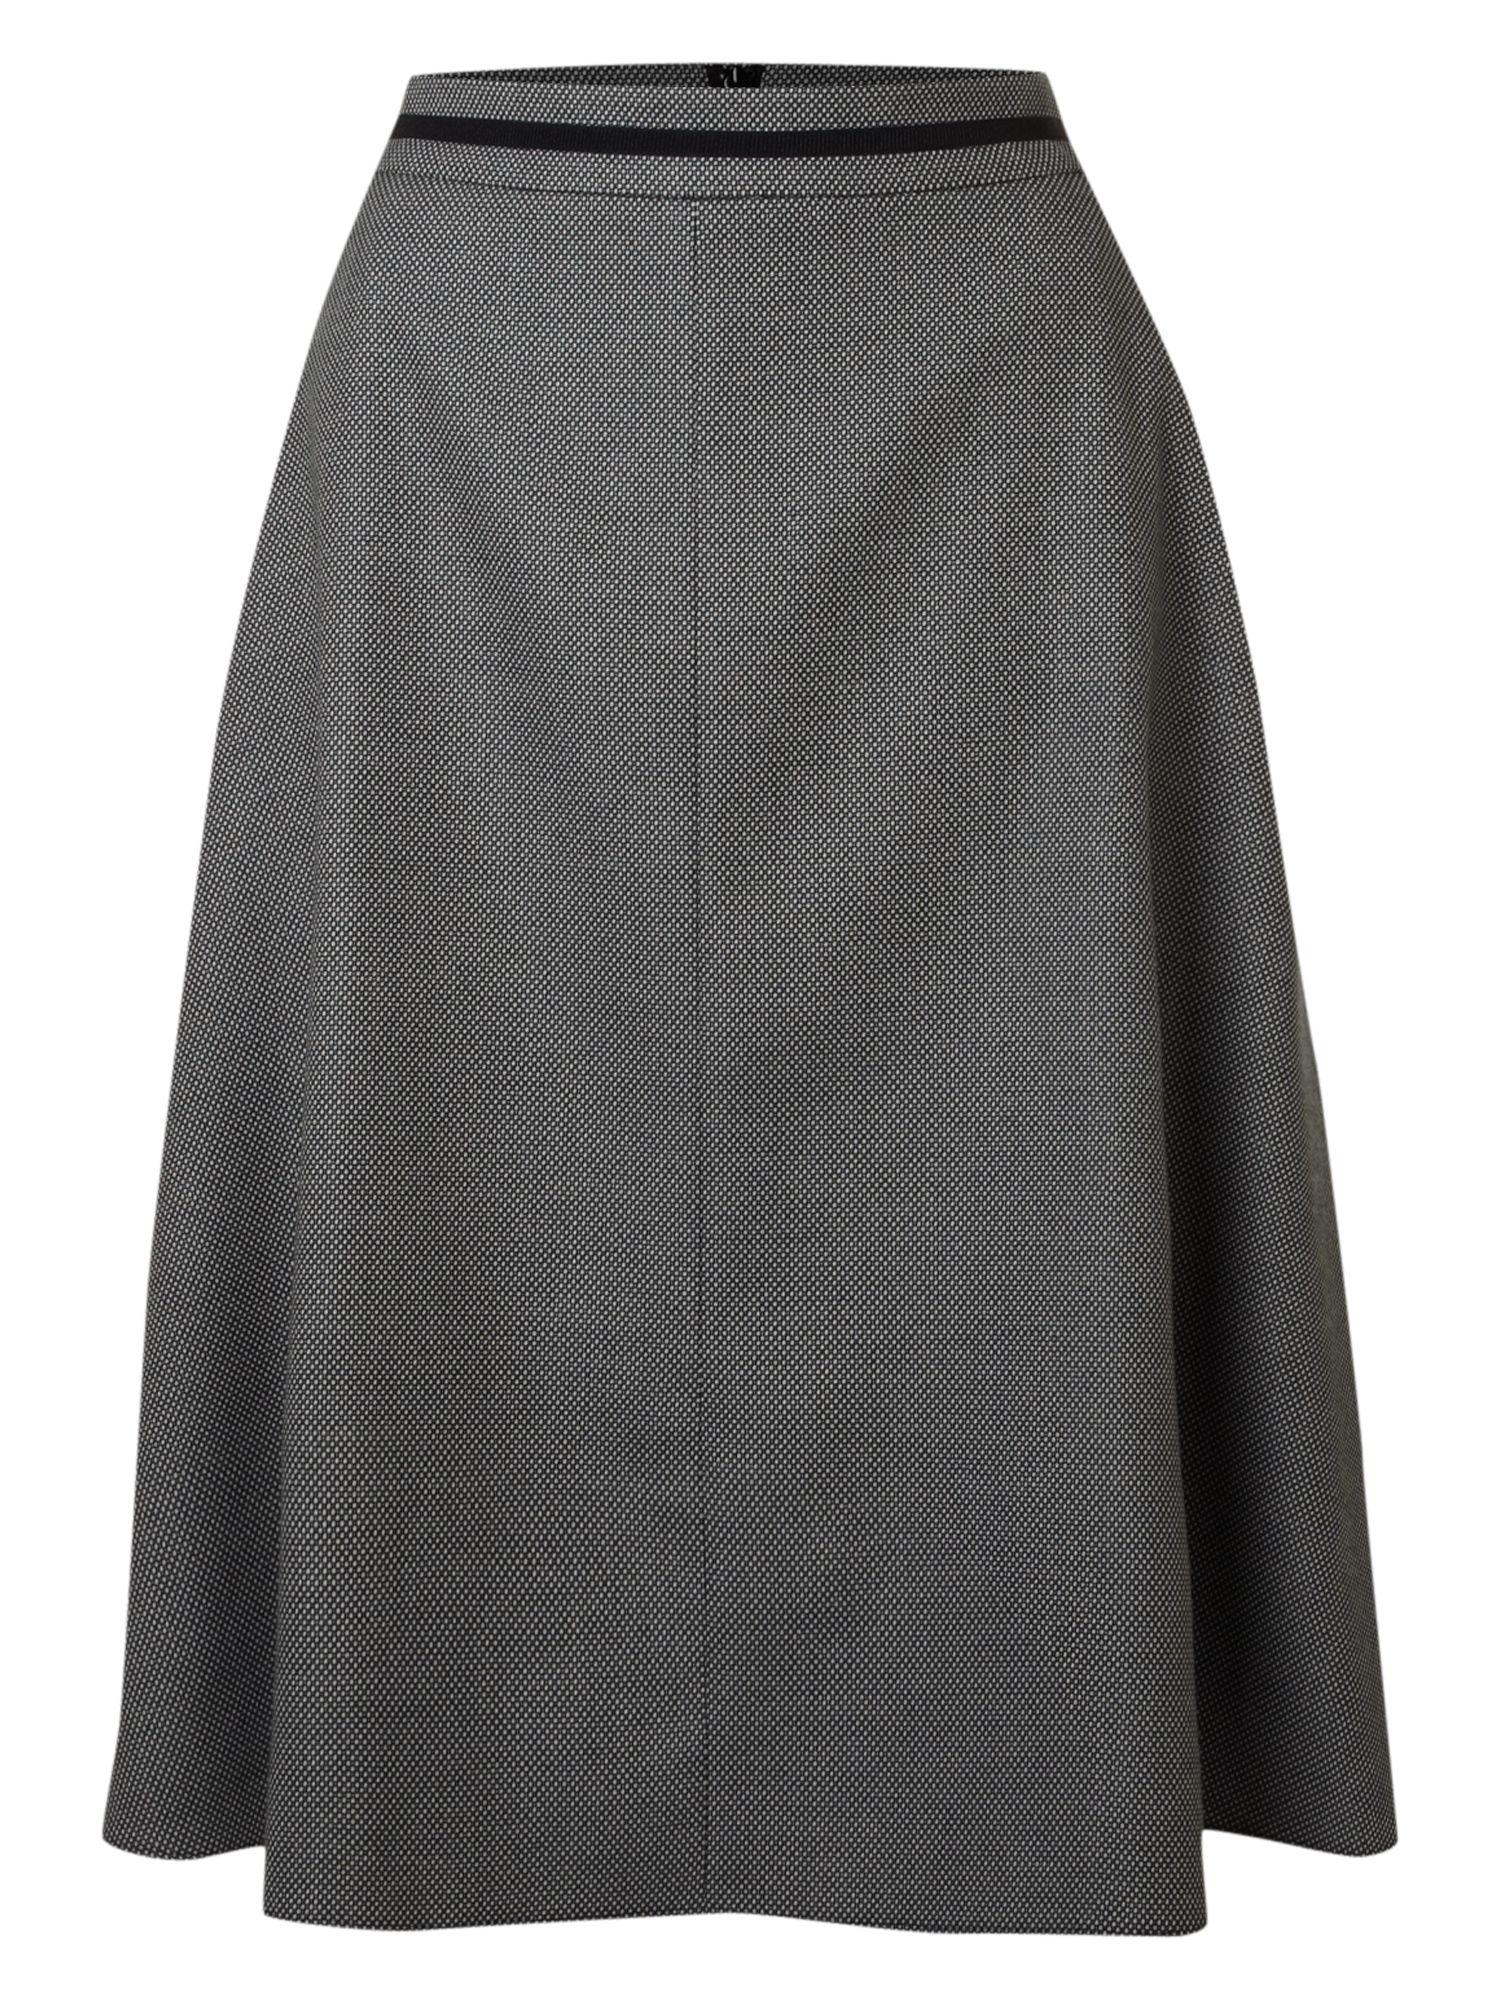 linea midi herringbone tweed skirt in gray grey lyst